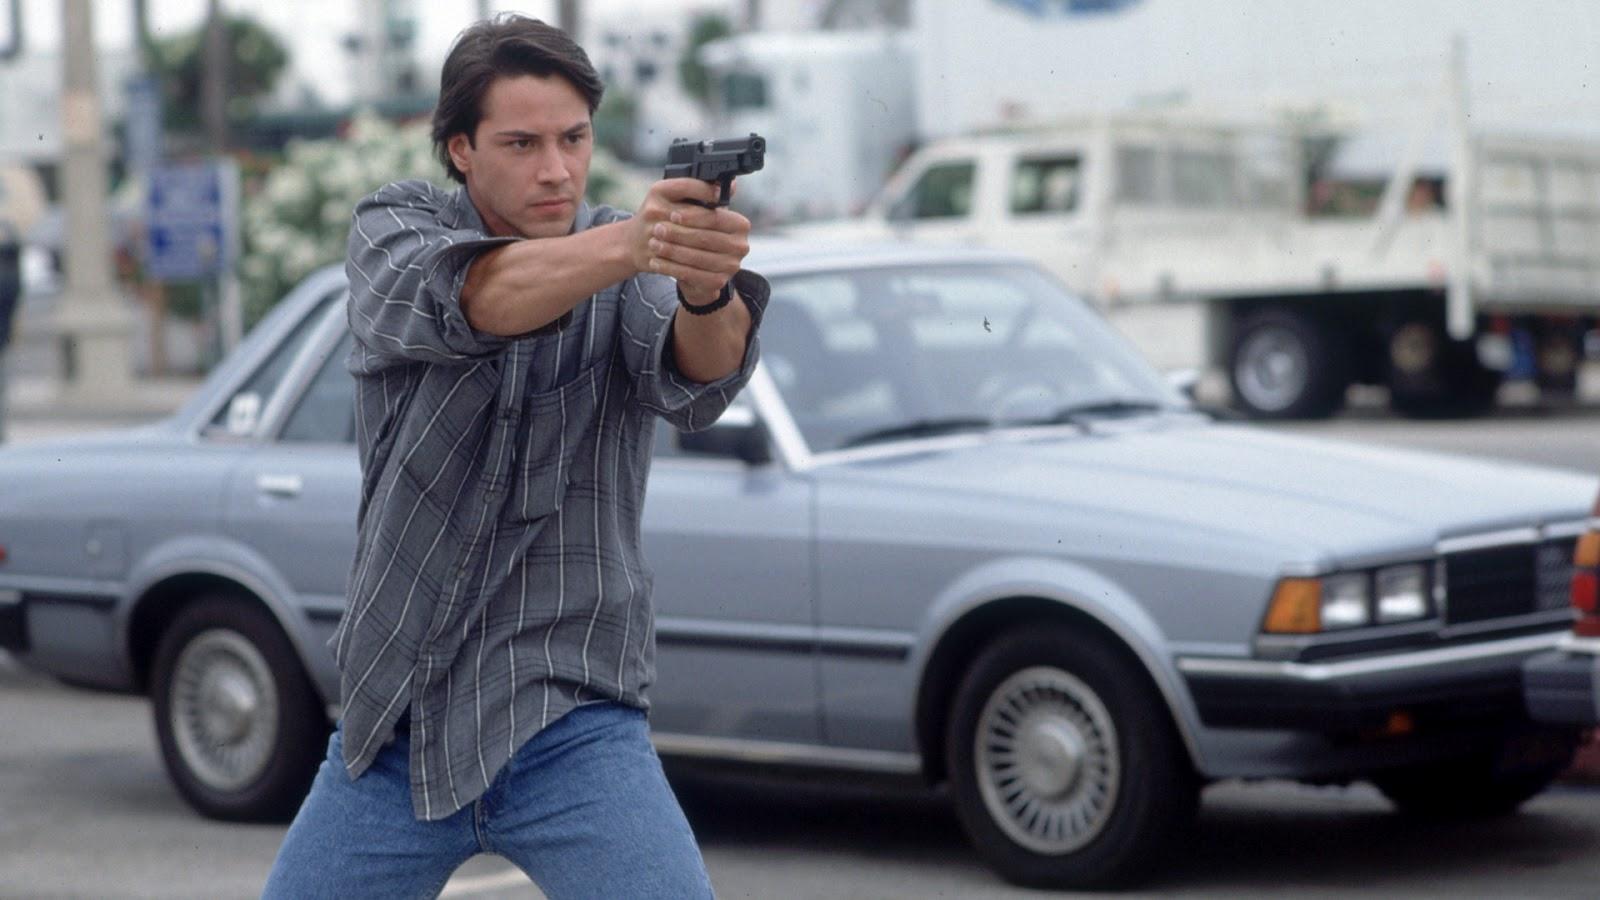 http://3.bp.blogspot.com/-WWlJwBDB-0M/T7JEcHDB0RI/AAAAAAAAF-Y/eBXnZV76HZc/s1600/point-break-keanu-shooting.jpg